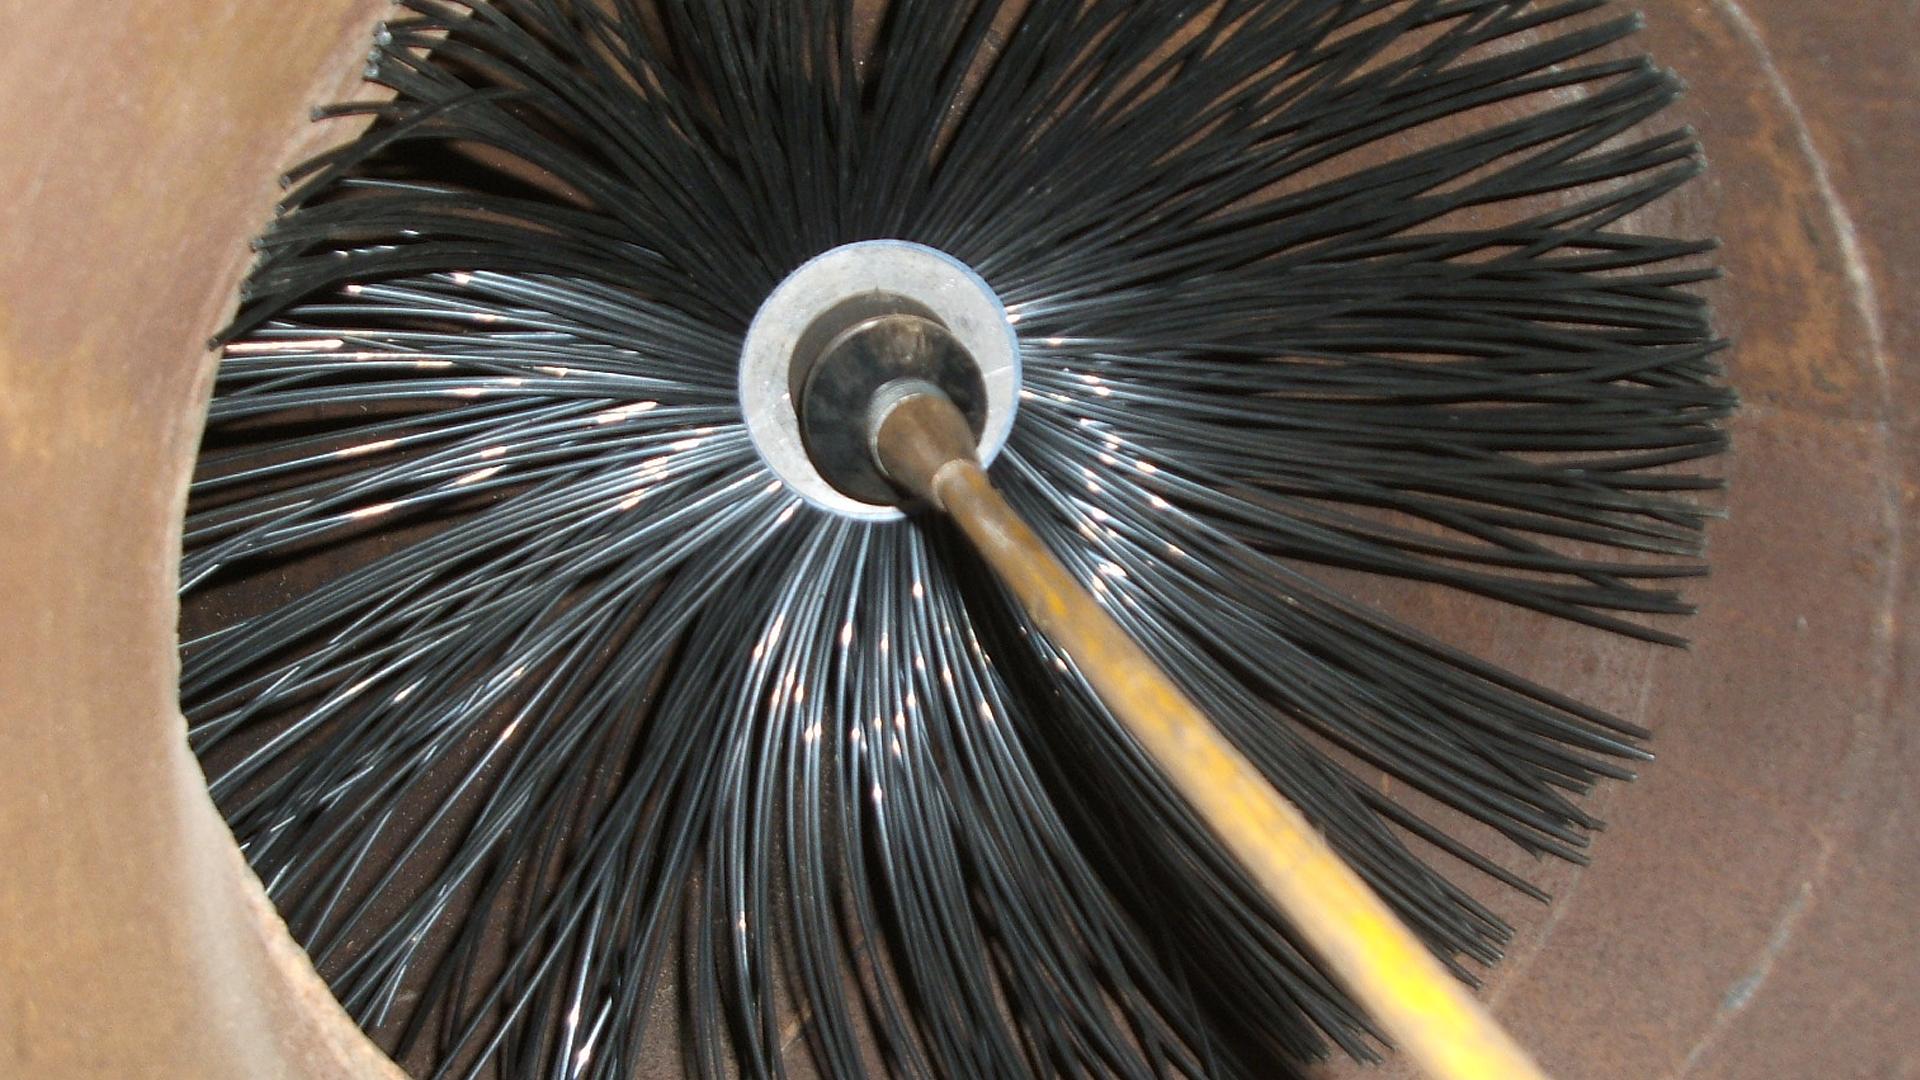 2-Proceso de Higiene - A través de los difusores o rejas de los conductos se coloca una sonda propulsora flexible que en su extremo lleva cepillos giratórios de polipropileno, duros o blandos, de acuerdo al grado de adherencia de la suciedad. La misma es removida y el polvo es aspirado hacia una bolsa colectora filtrada, evitando que la suciedad llegue al ambiente. La higiene puede llevarse a cabo en conductos redondos, cuadrados, rectangulares, verticales y horizontales, a partir de los 5 cm de diámetro.